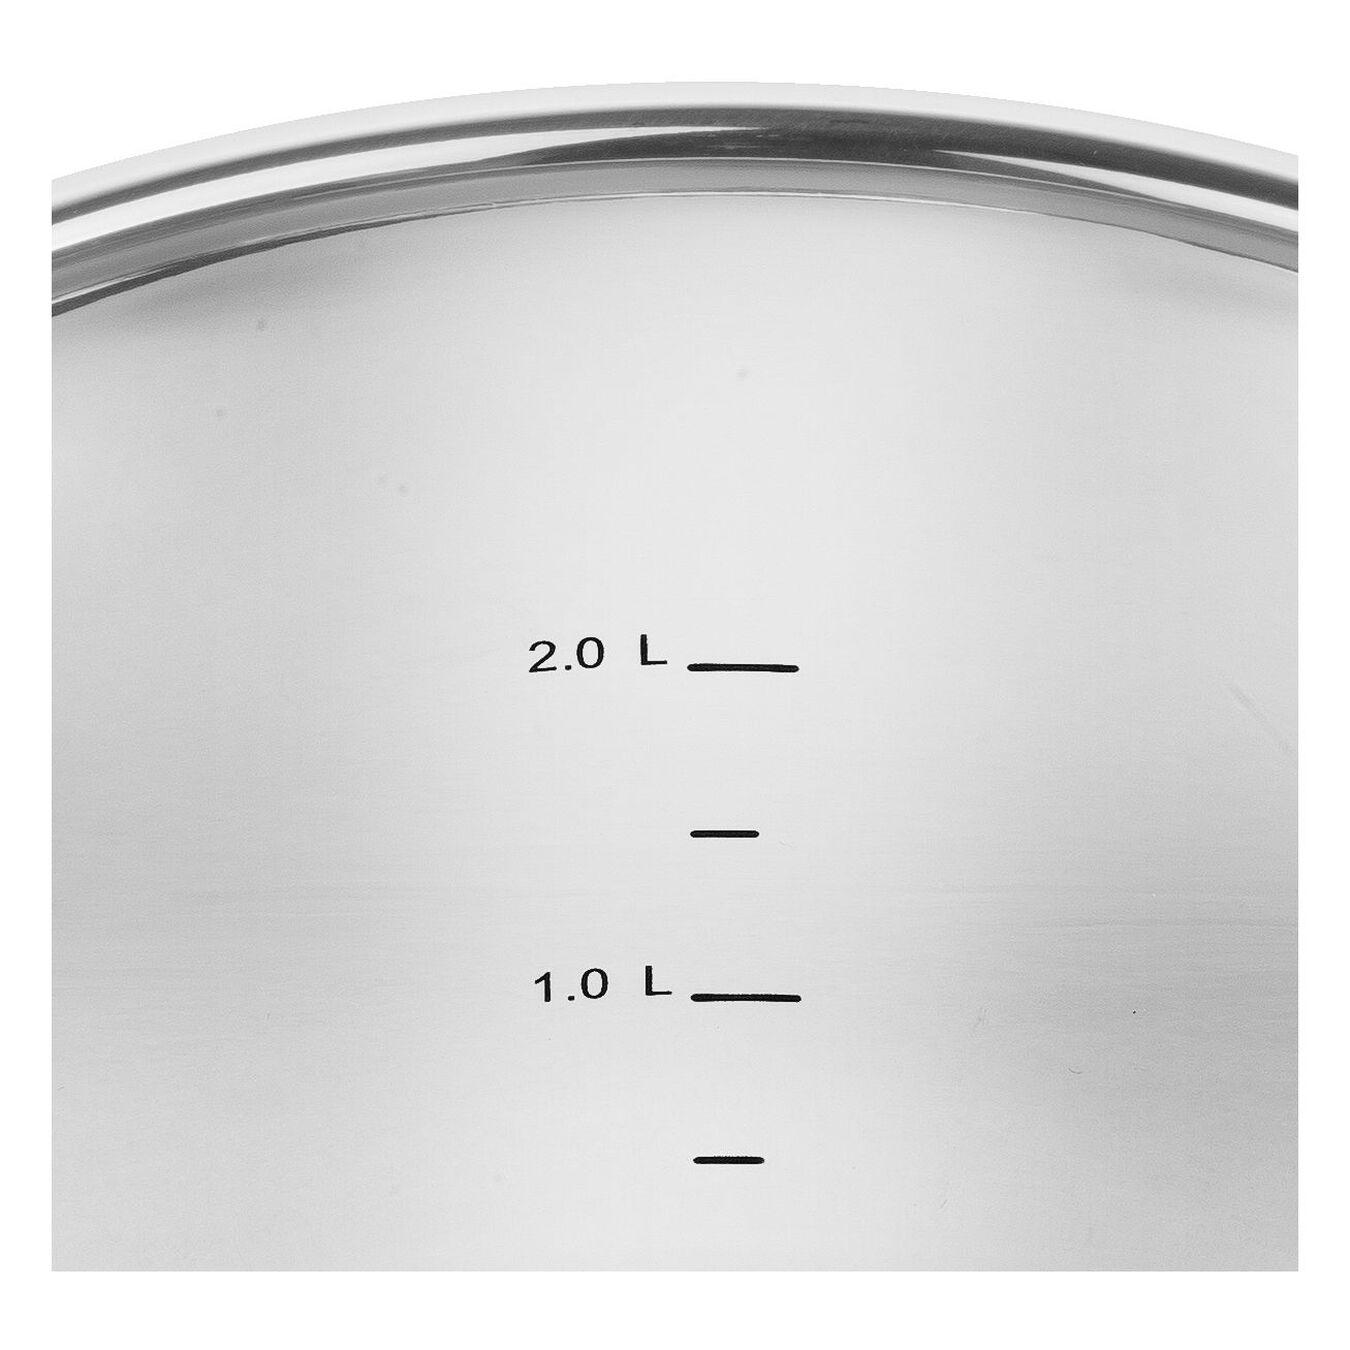 Set di pentole e padelle - 5-pz., 18/10 acciaio inossidabile,,large 3